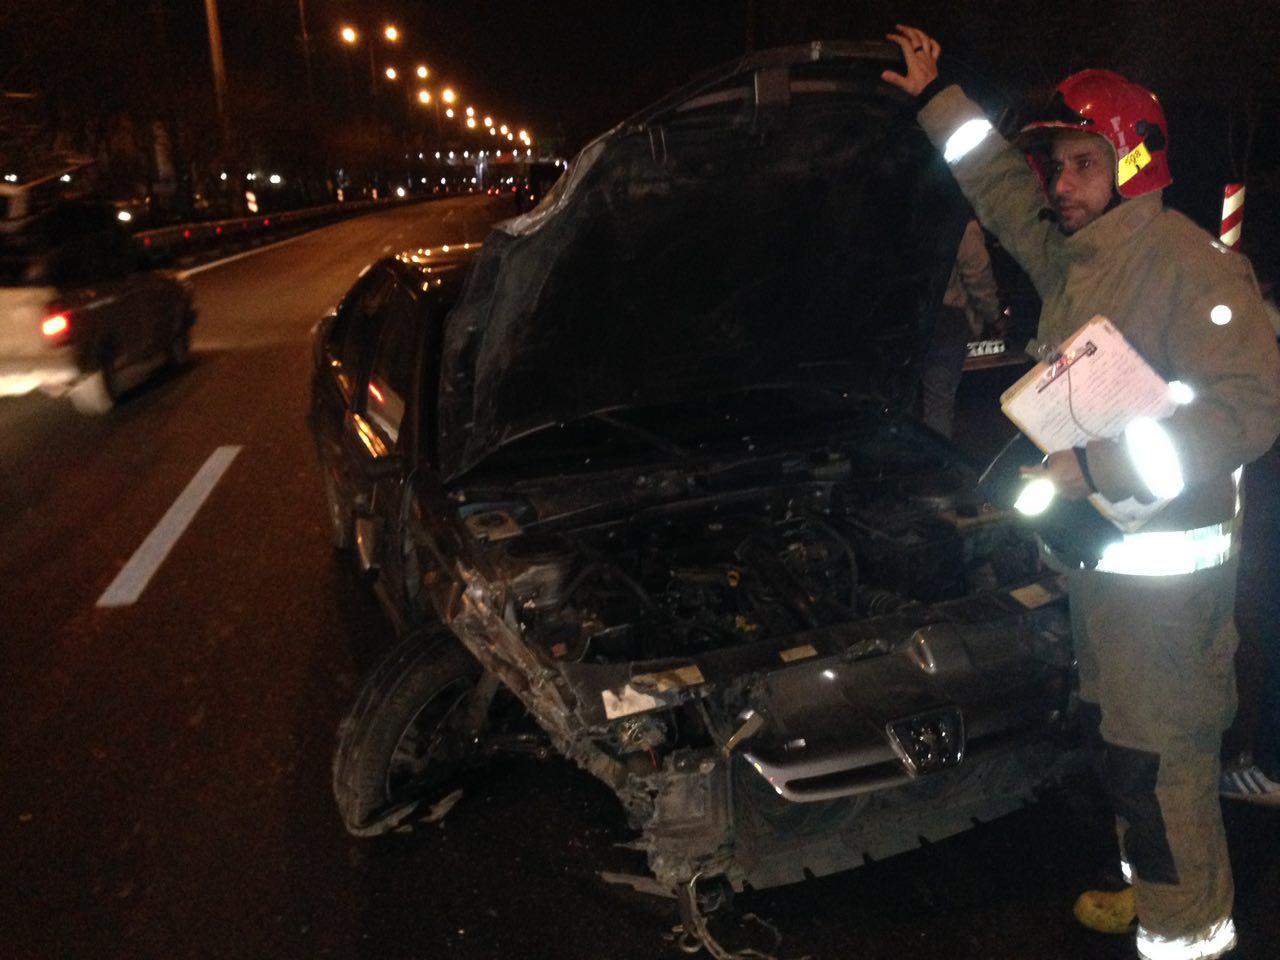 برخورد شدید پرشیا با 2 دستگاه خودروی متوقف شده/ 5 سرنشین مصدوم شدند